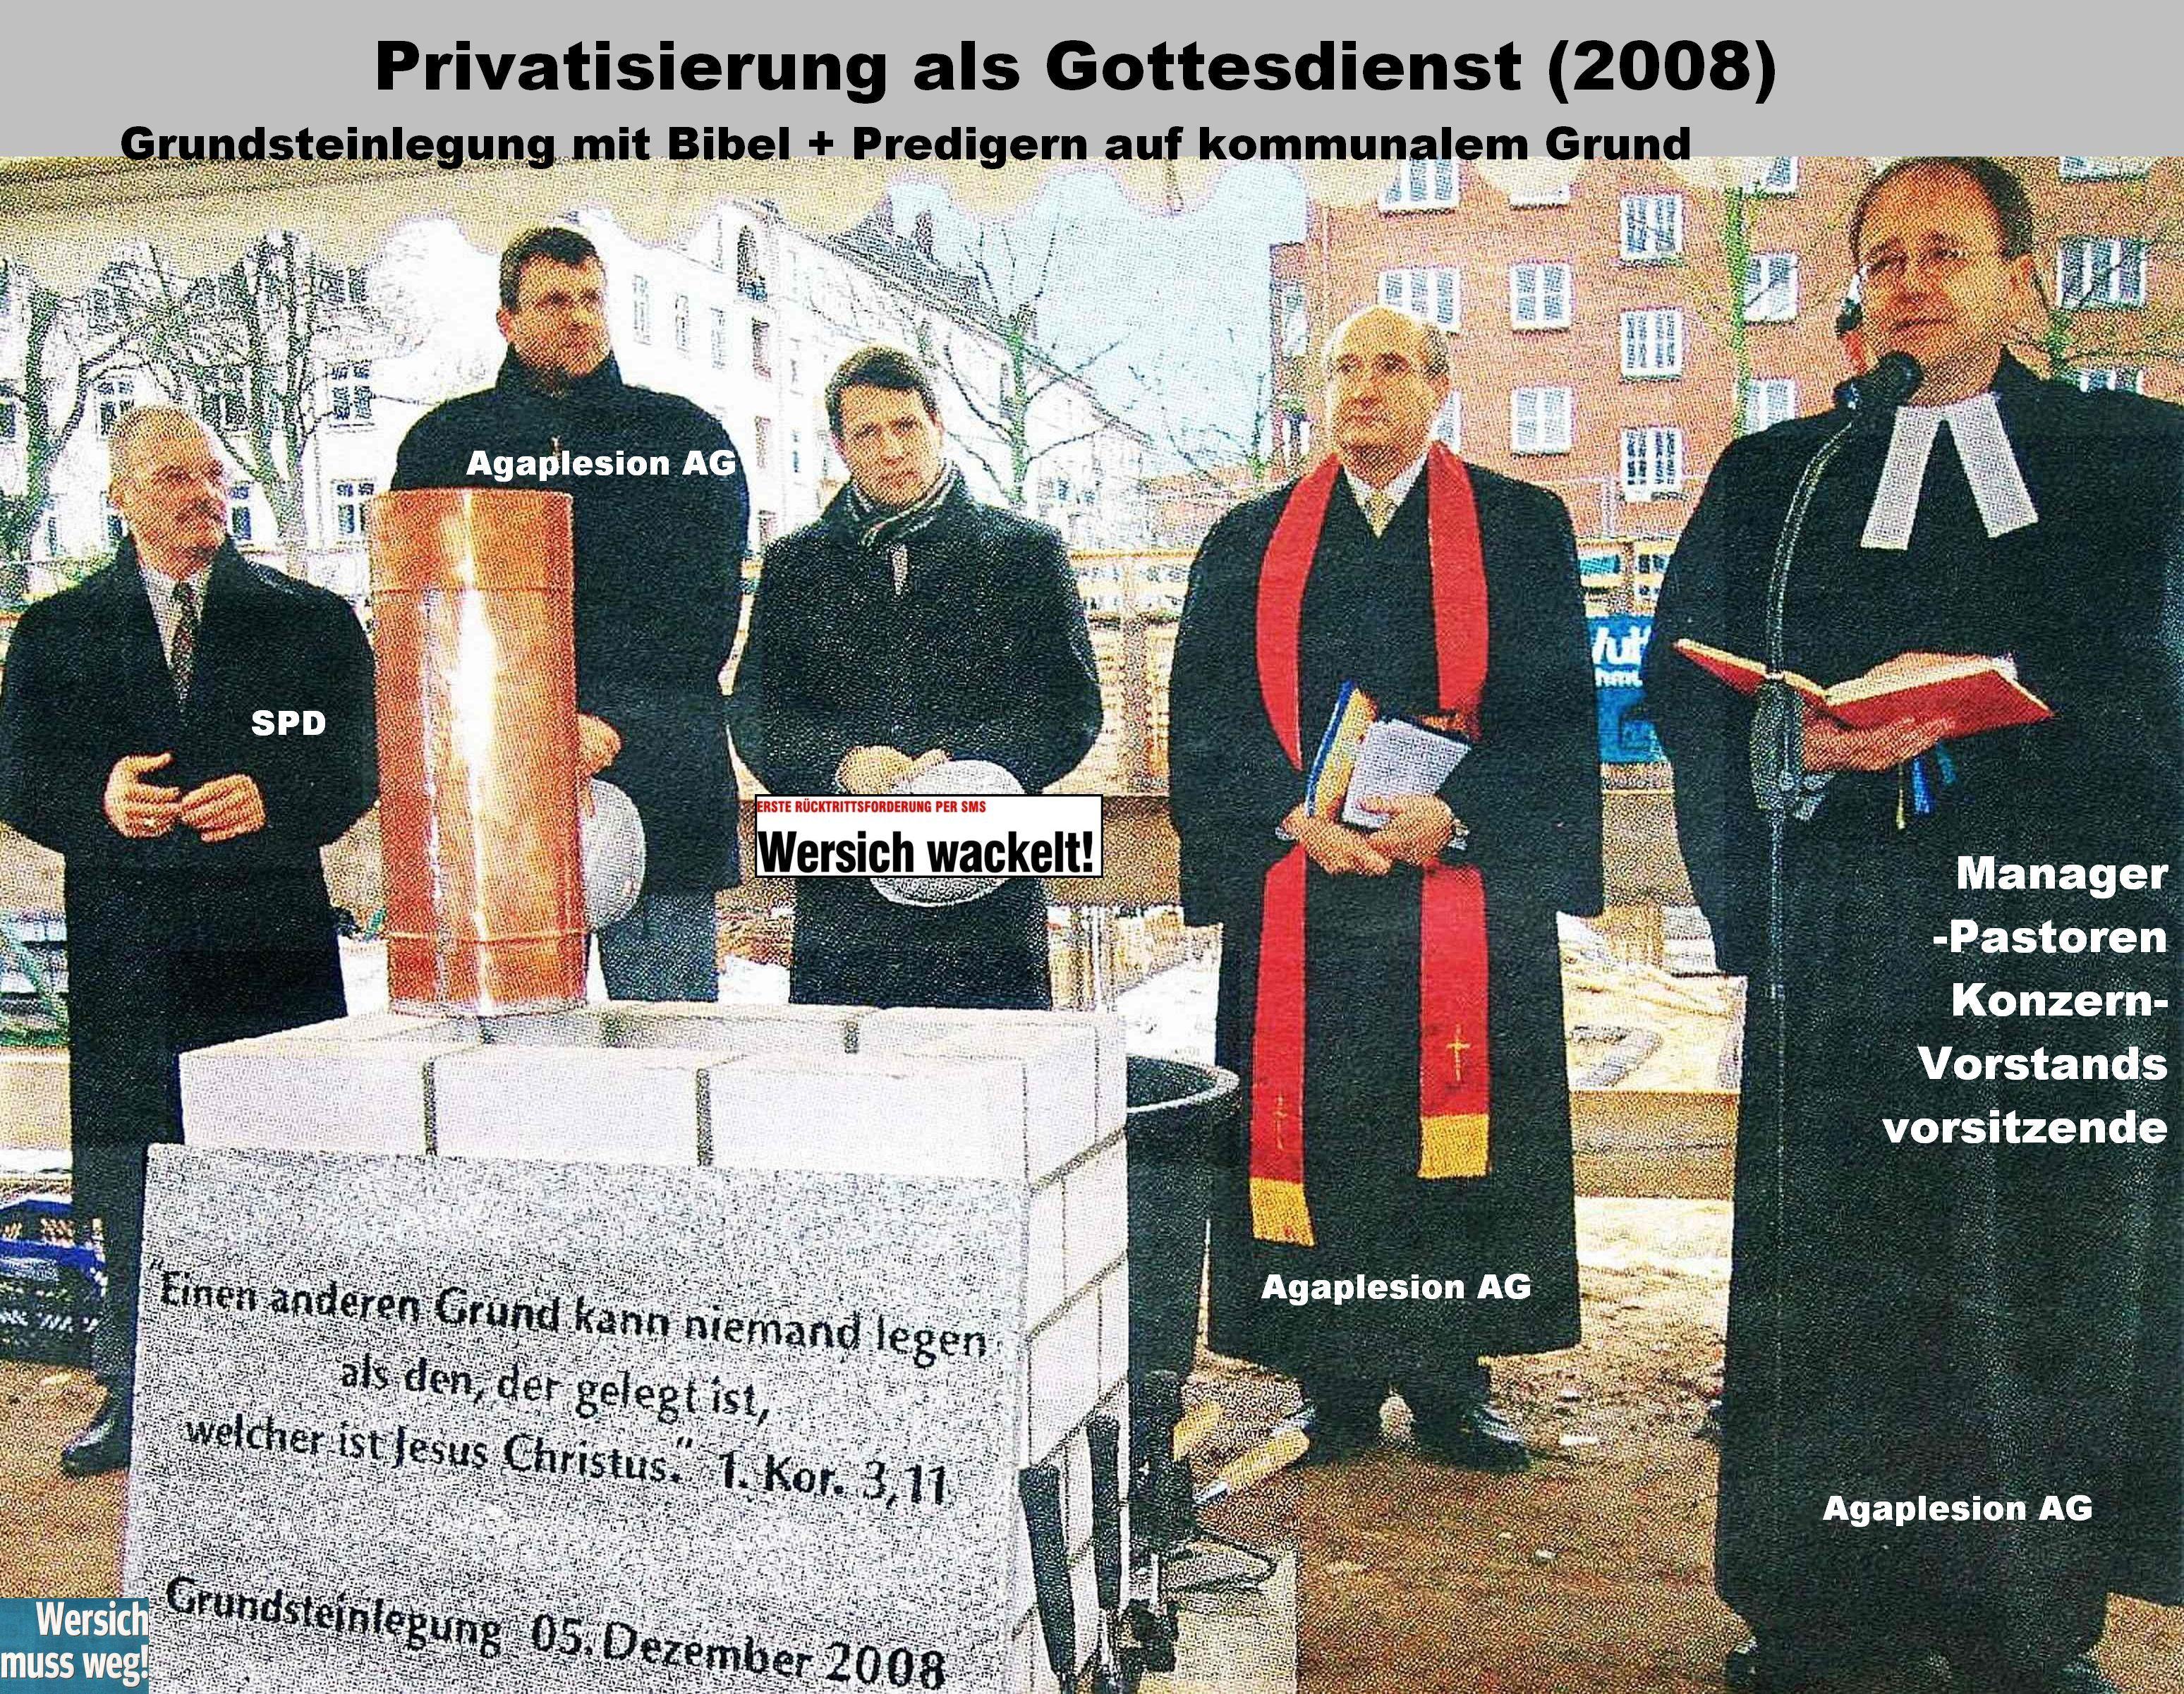 Privatisierung als Gottesdienst